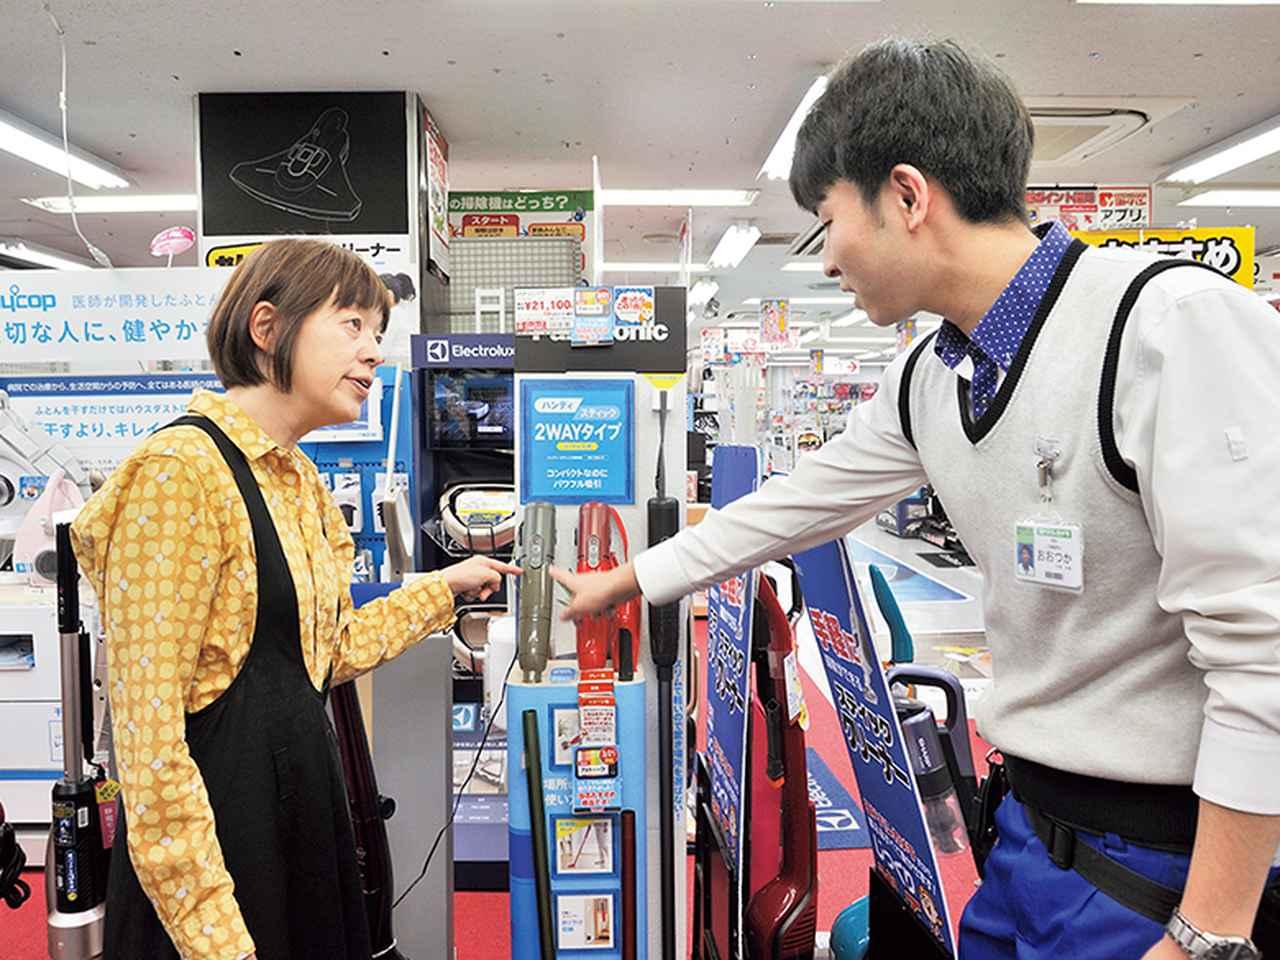 画像: バラエティ番組「アメトーーク!」(テレビ朝日系)で注目されたヒット商品。若者の指名買いが多く、品薄状態が続いているとか。